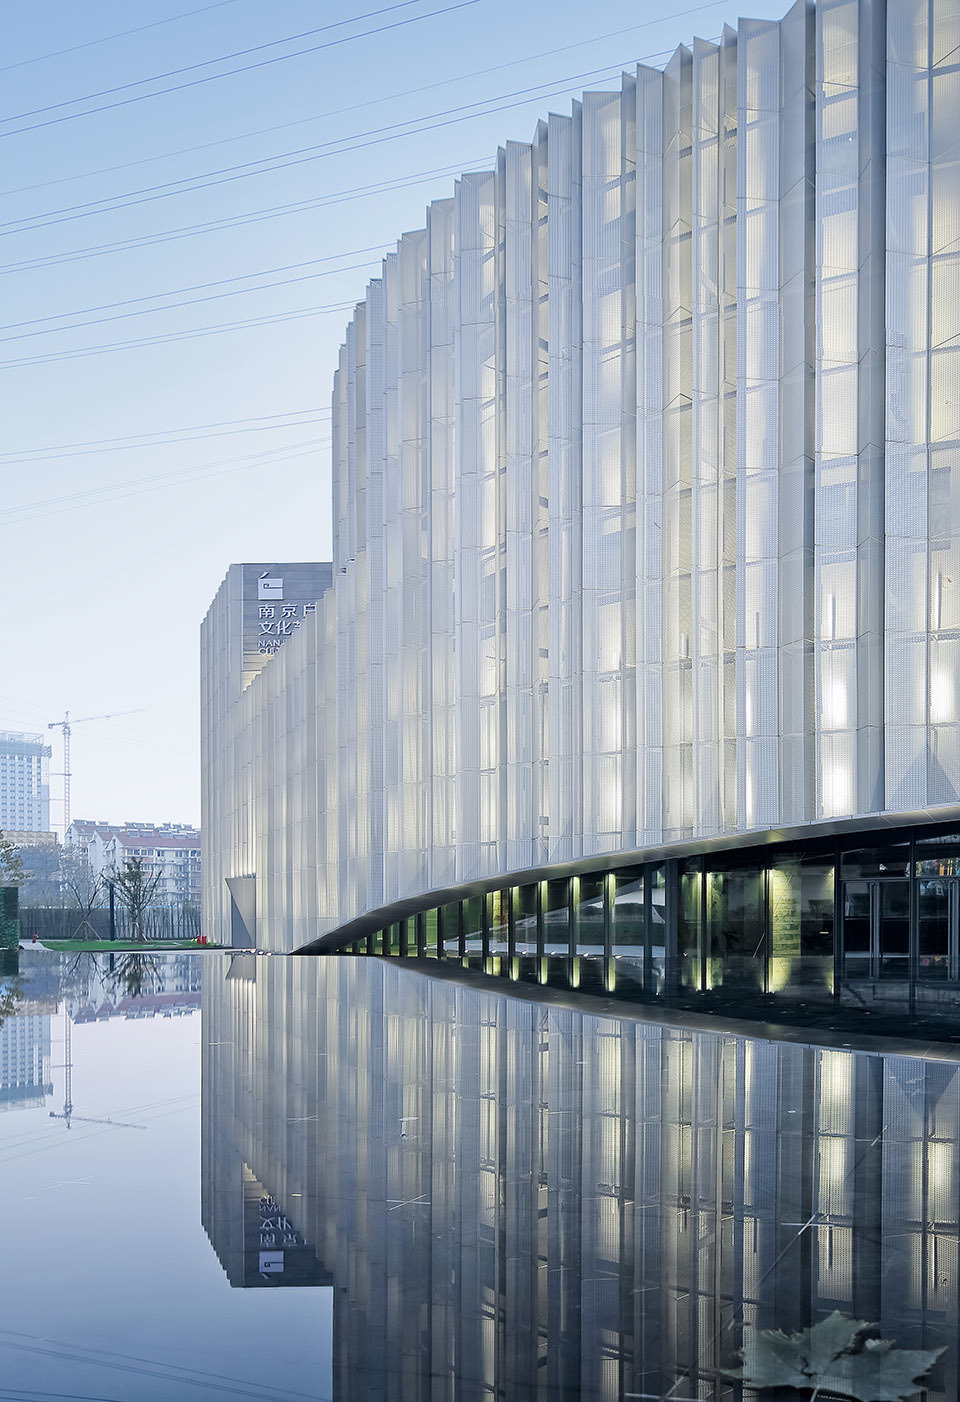 中国 建筑_有哪些做得好的有特色的旧建筑改造项目? - 知乎